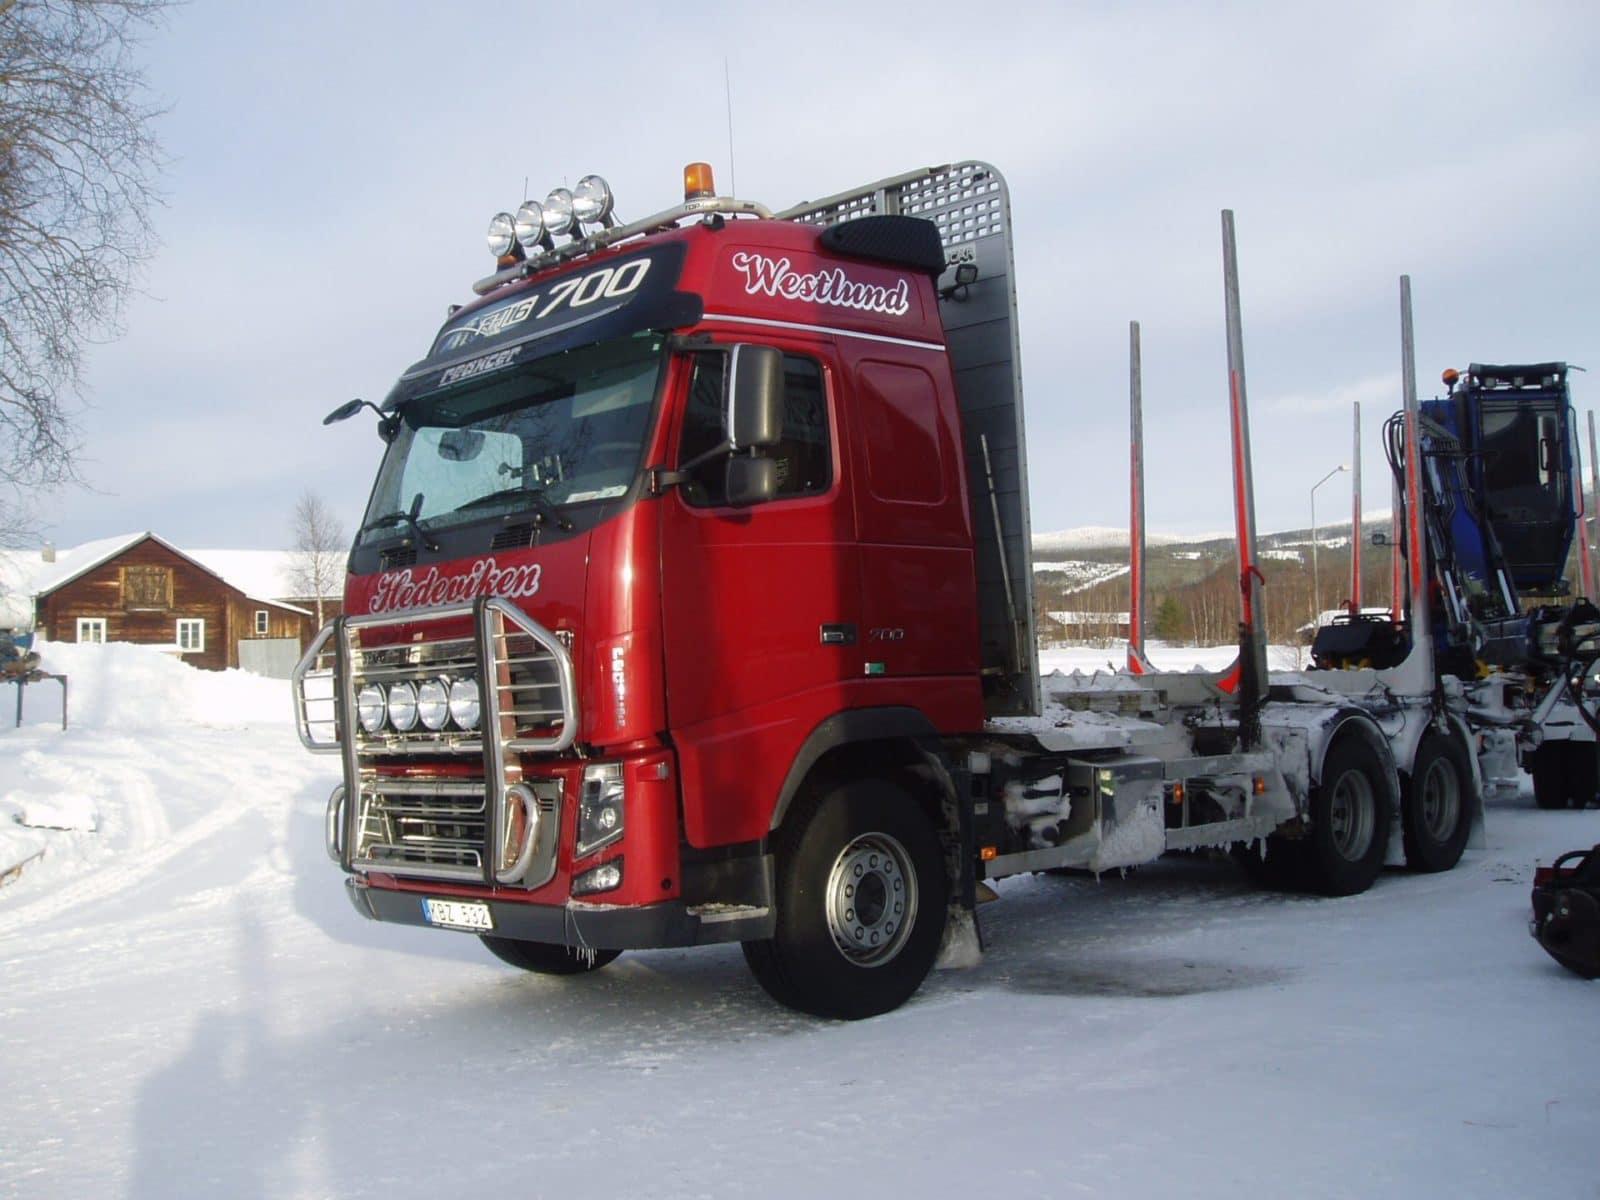 0946298-westlund-traktor-2